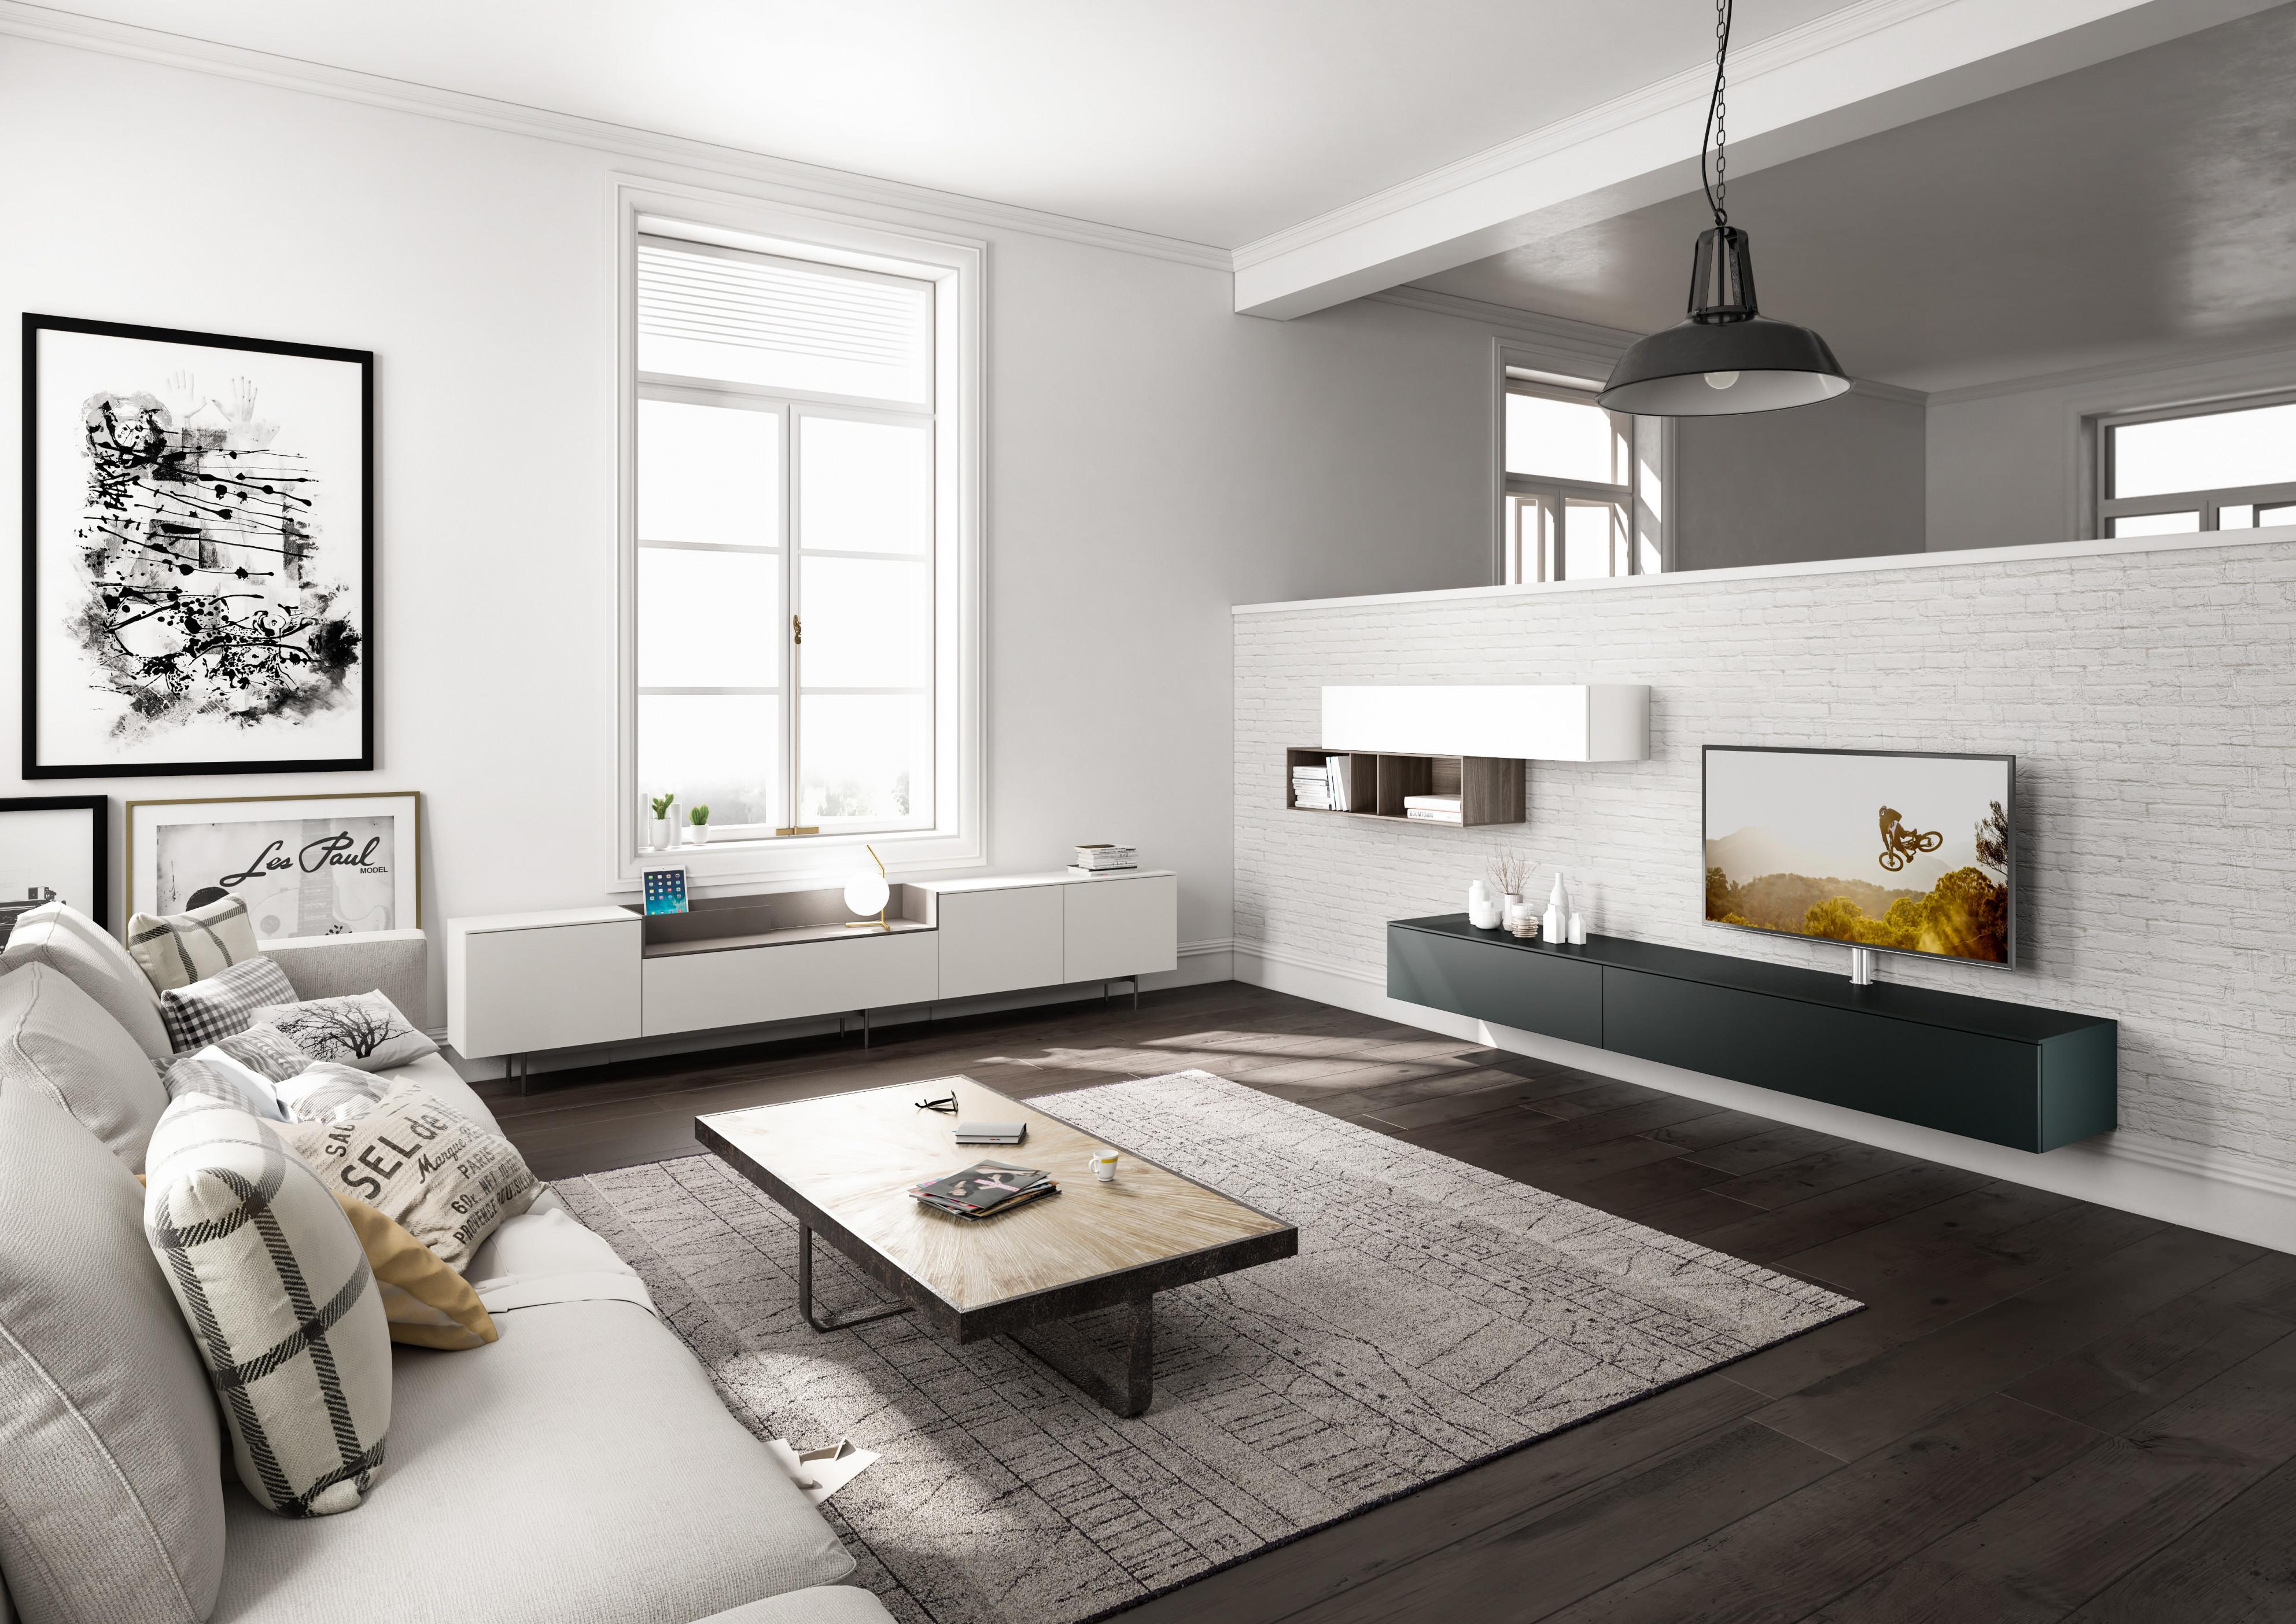 Wohnzimmergestaltung – Die Besten Ideen Tipps  Wohnbeispiele von Bilder Einrichtung Wohnzimmer Photo